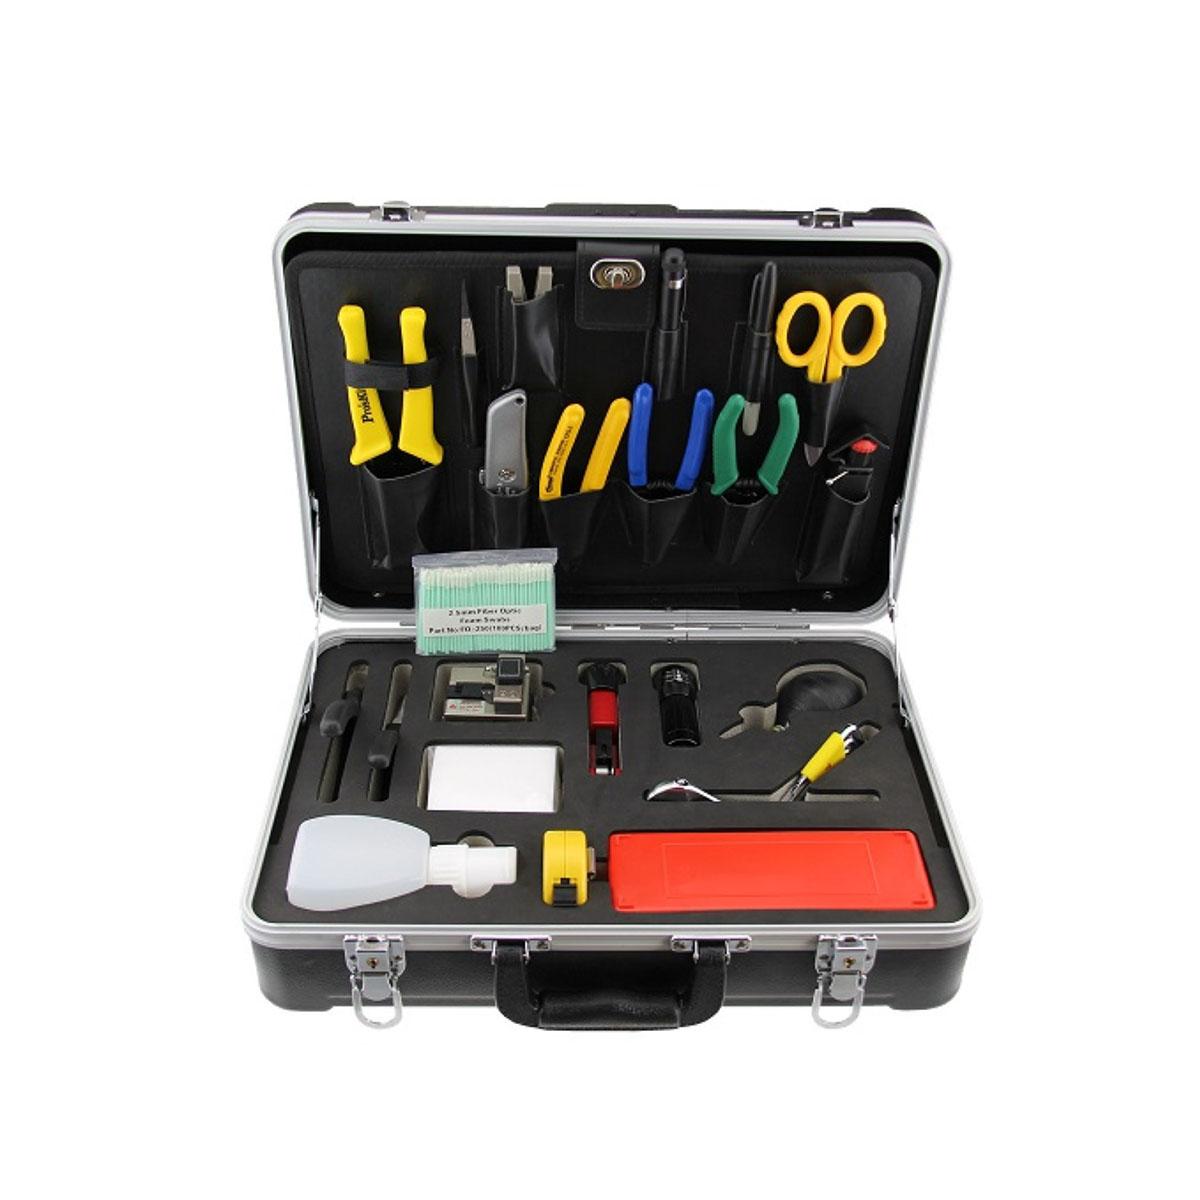 Kit de herramientas de fibra optica FTTx OREN OR-6500